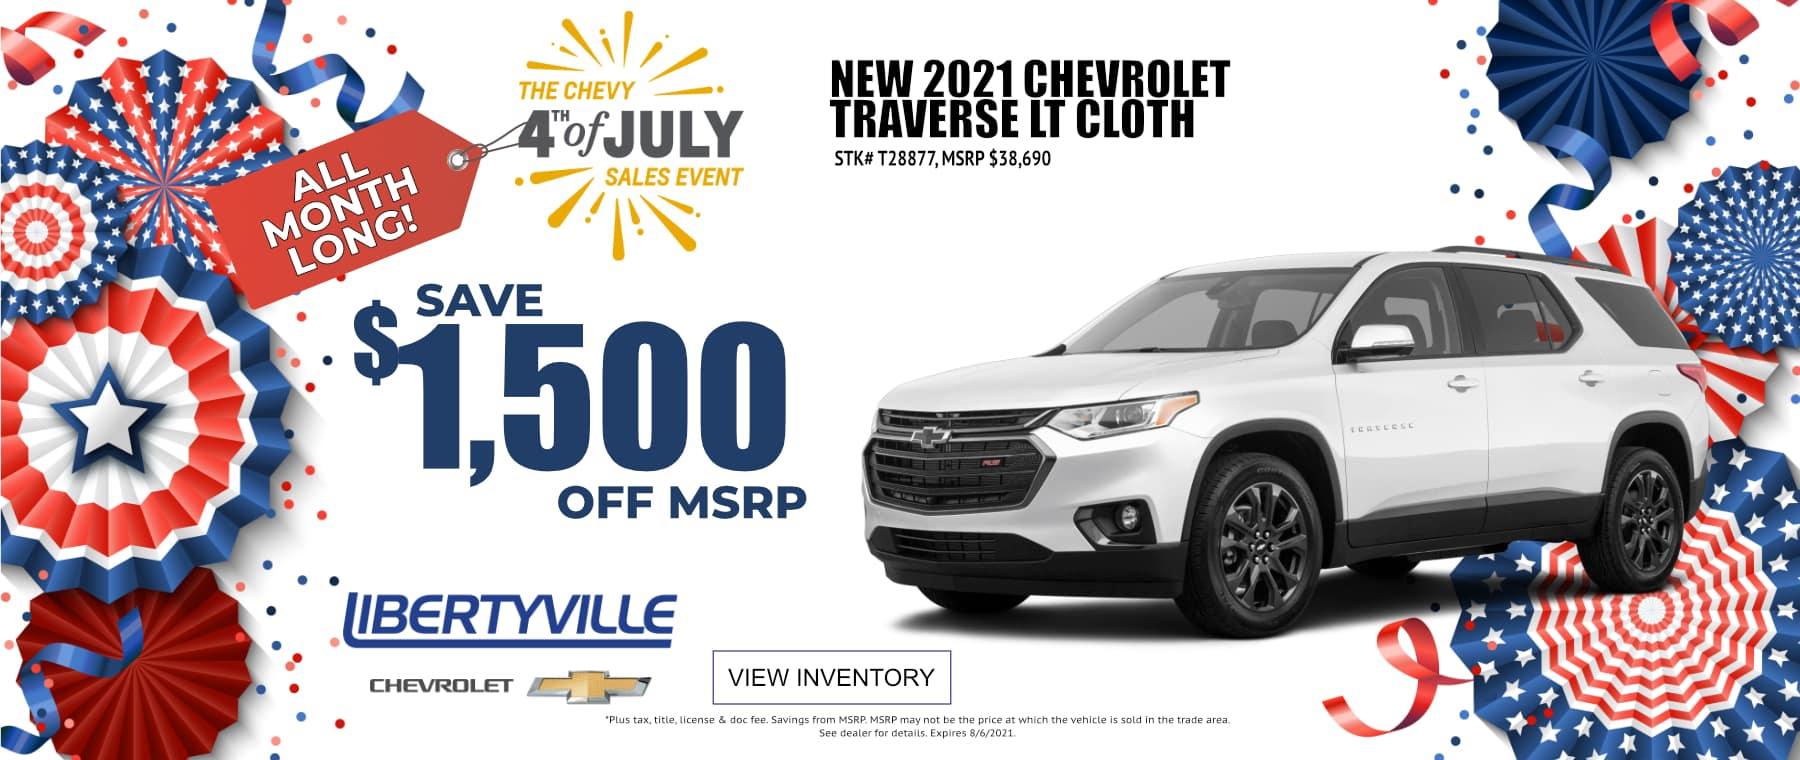 July_2021_Traverse_Libertyville